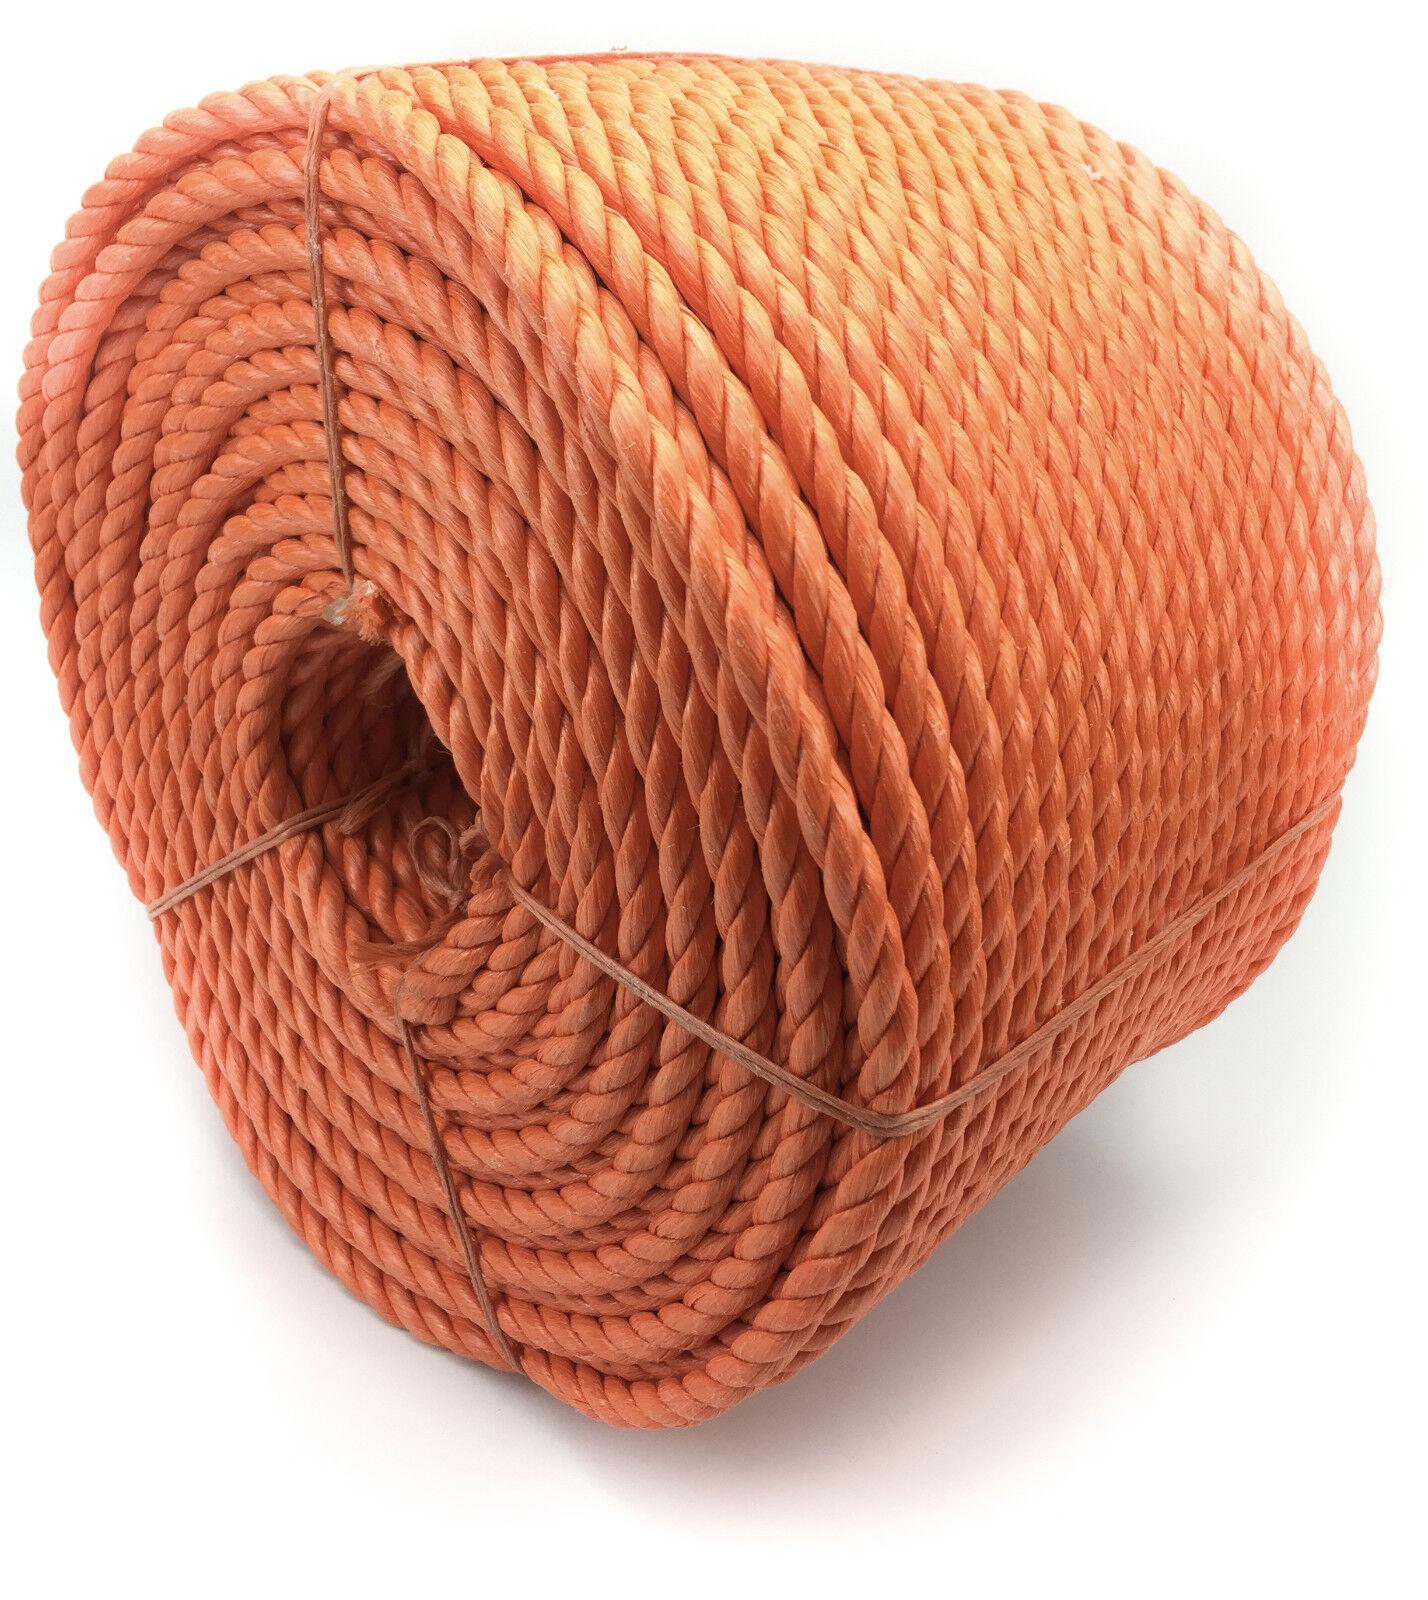 20mm Orange Polypropylen Seil x 100 Meter, Poly-Seil Rollen, preiswert Nylon